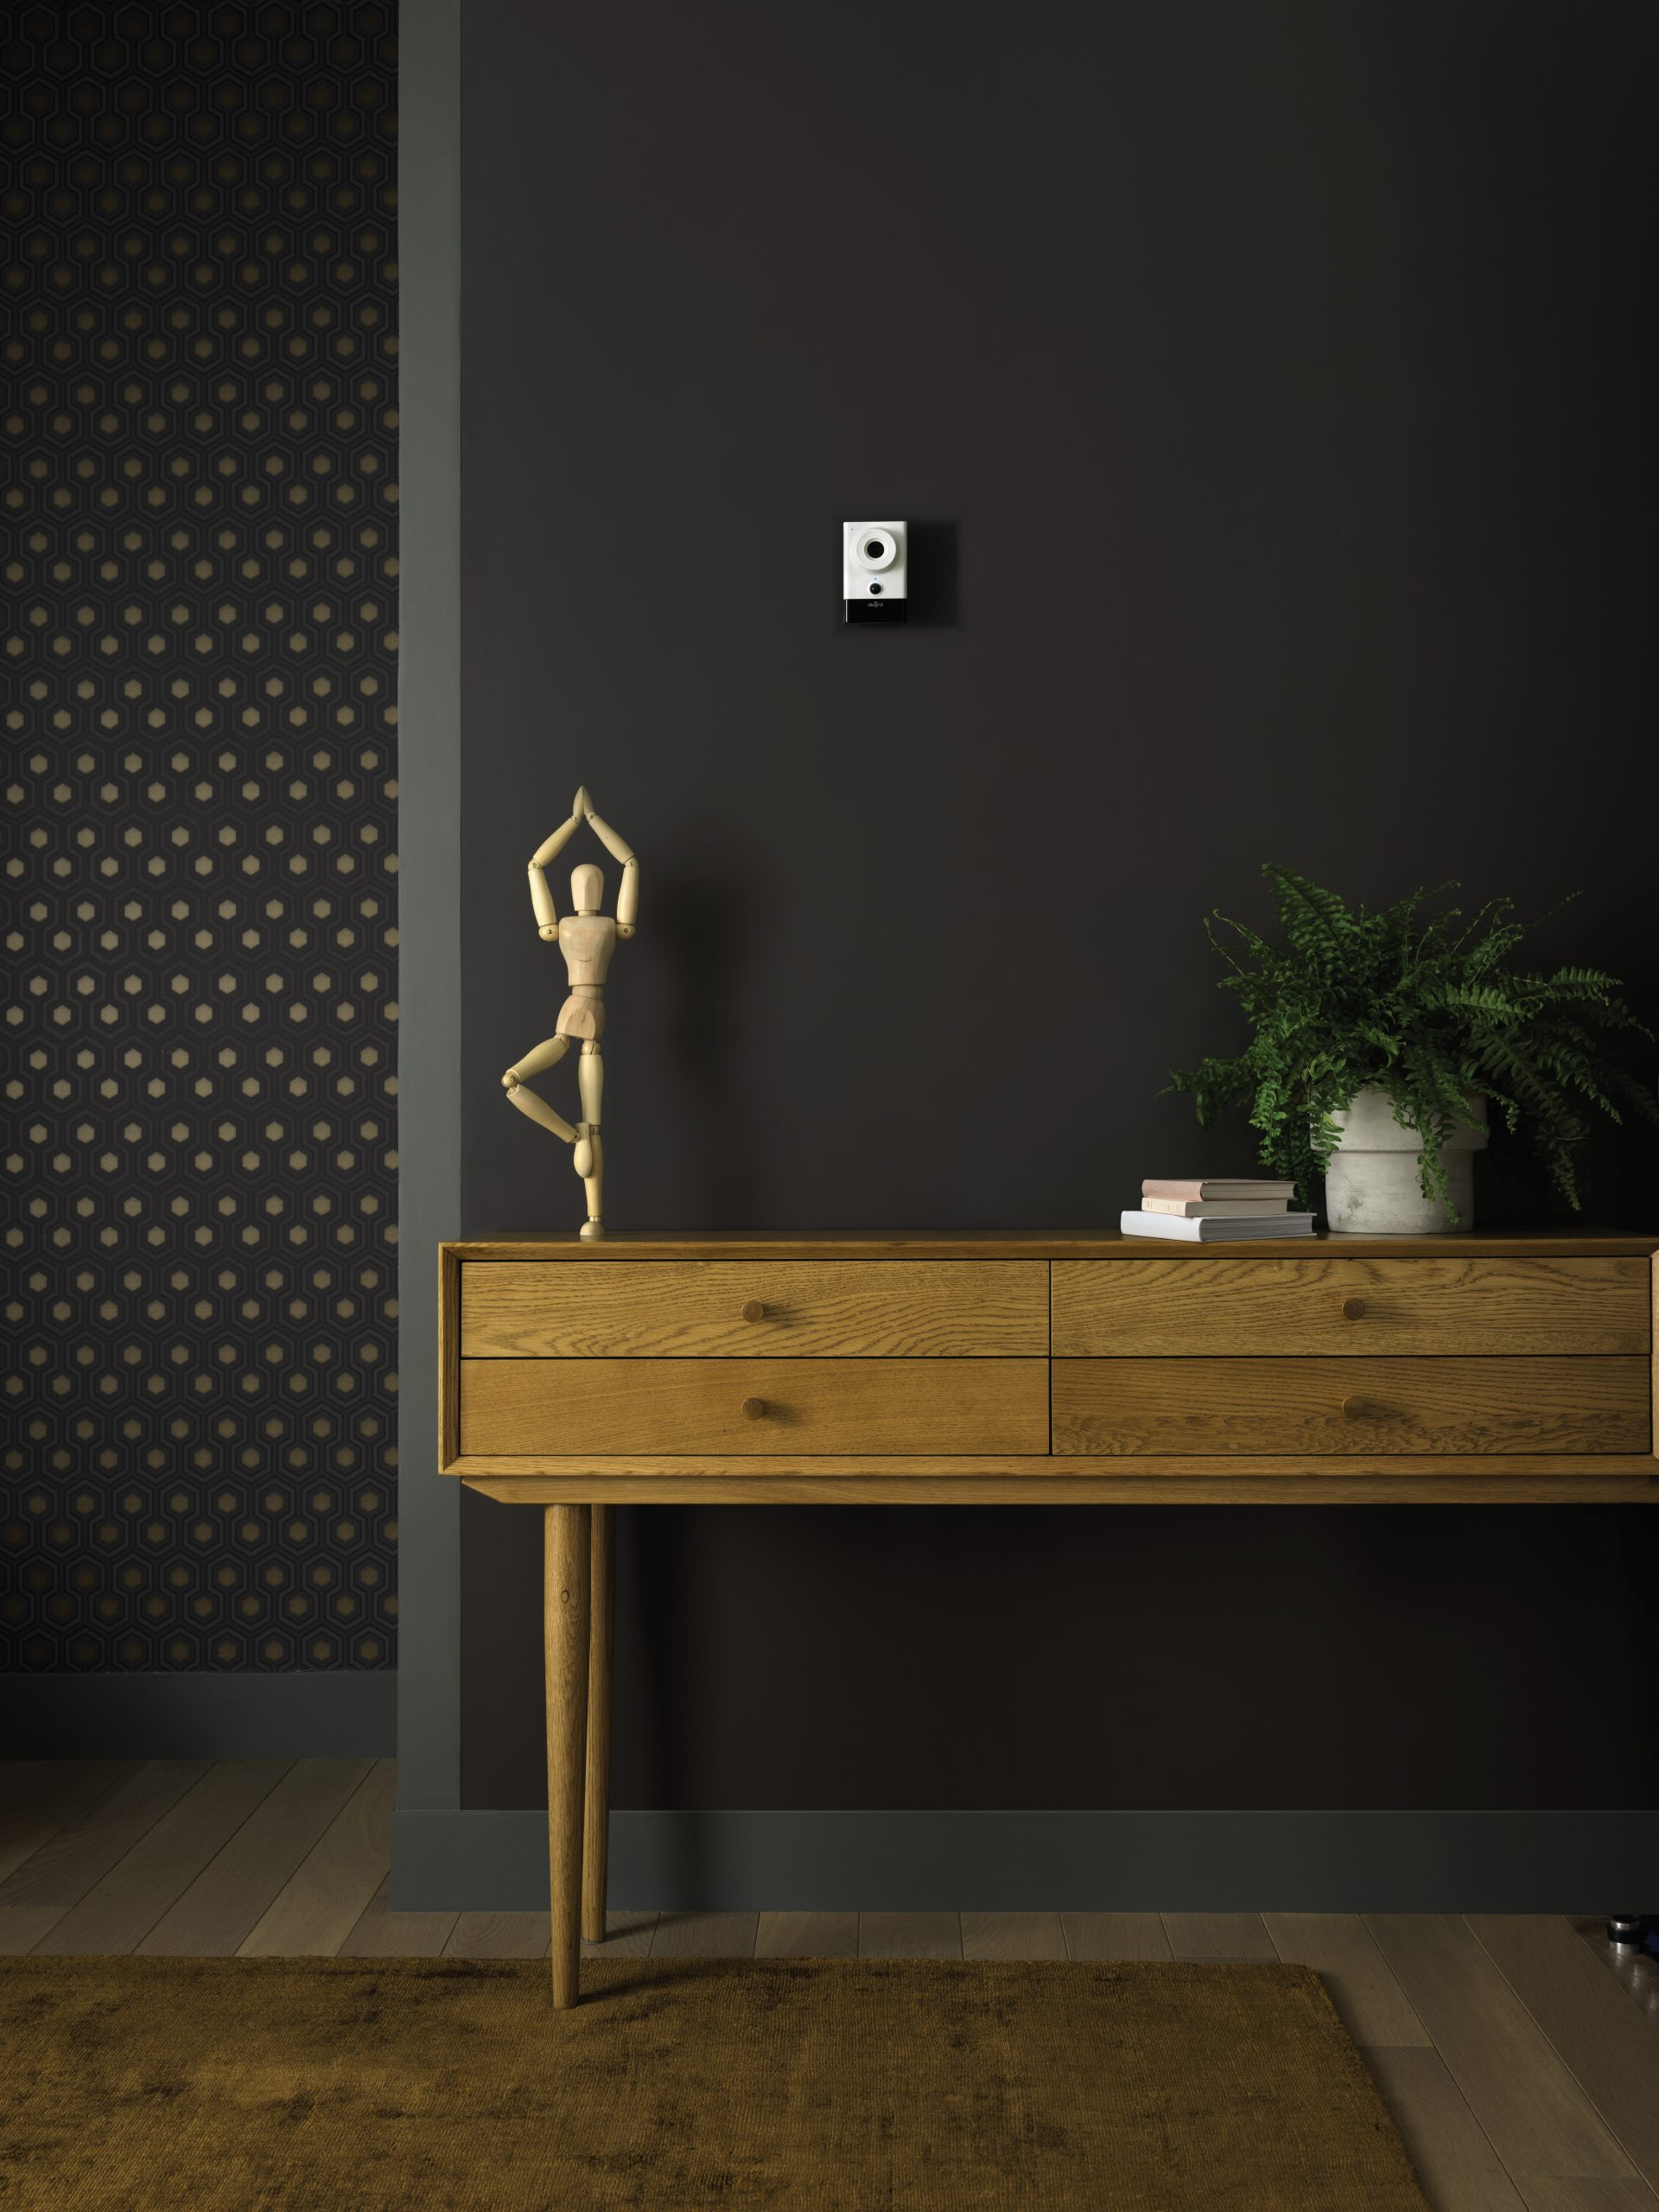 Diagral : Veillez sereinement sur vos proches et votre foyer avec des caméras connectées